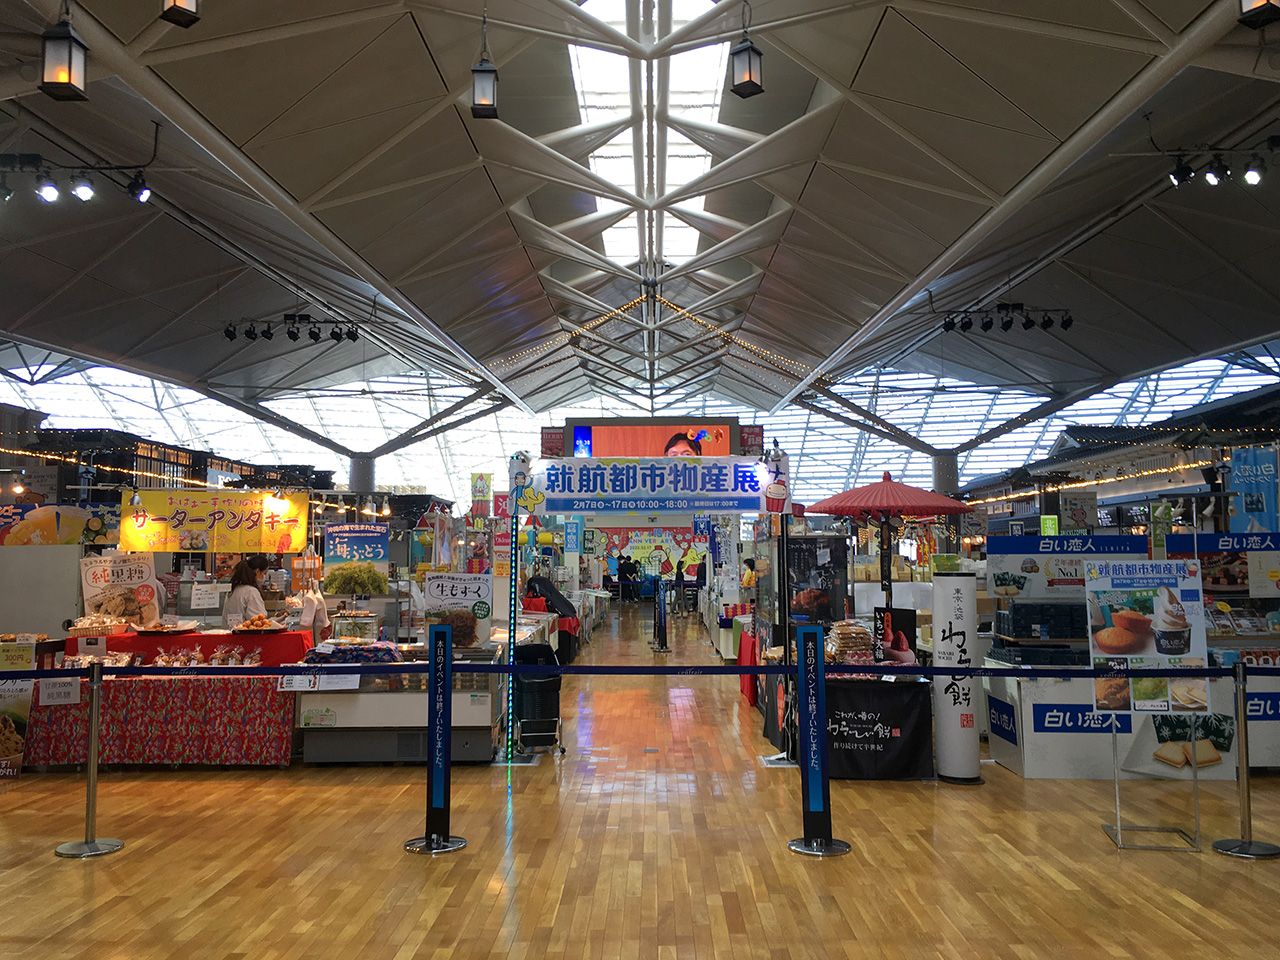 セントレア,物産展,催事,中部国際空港